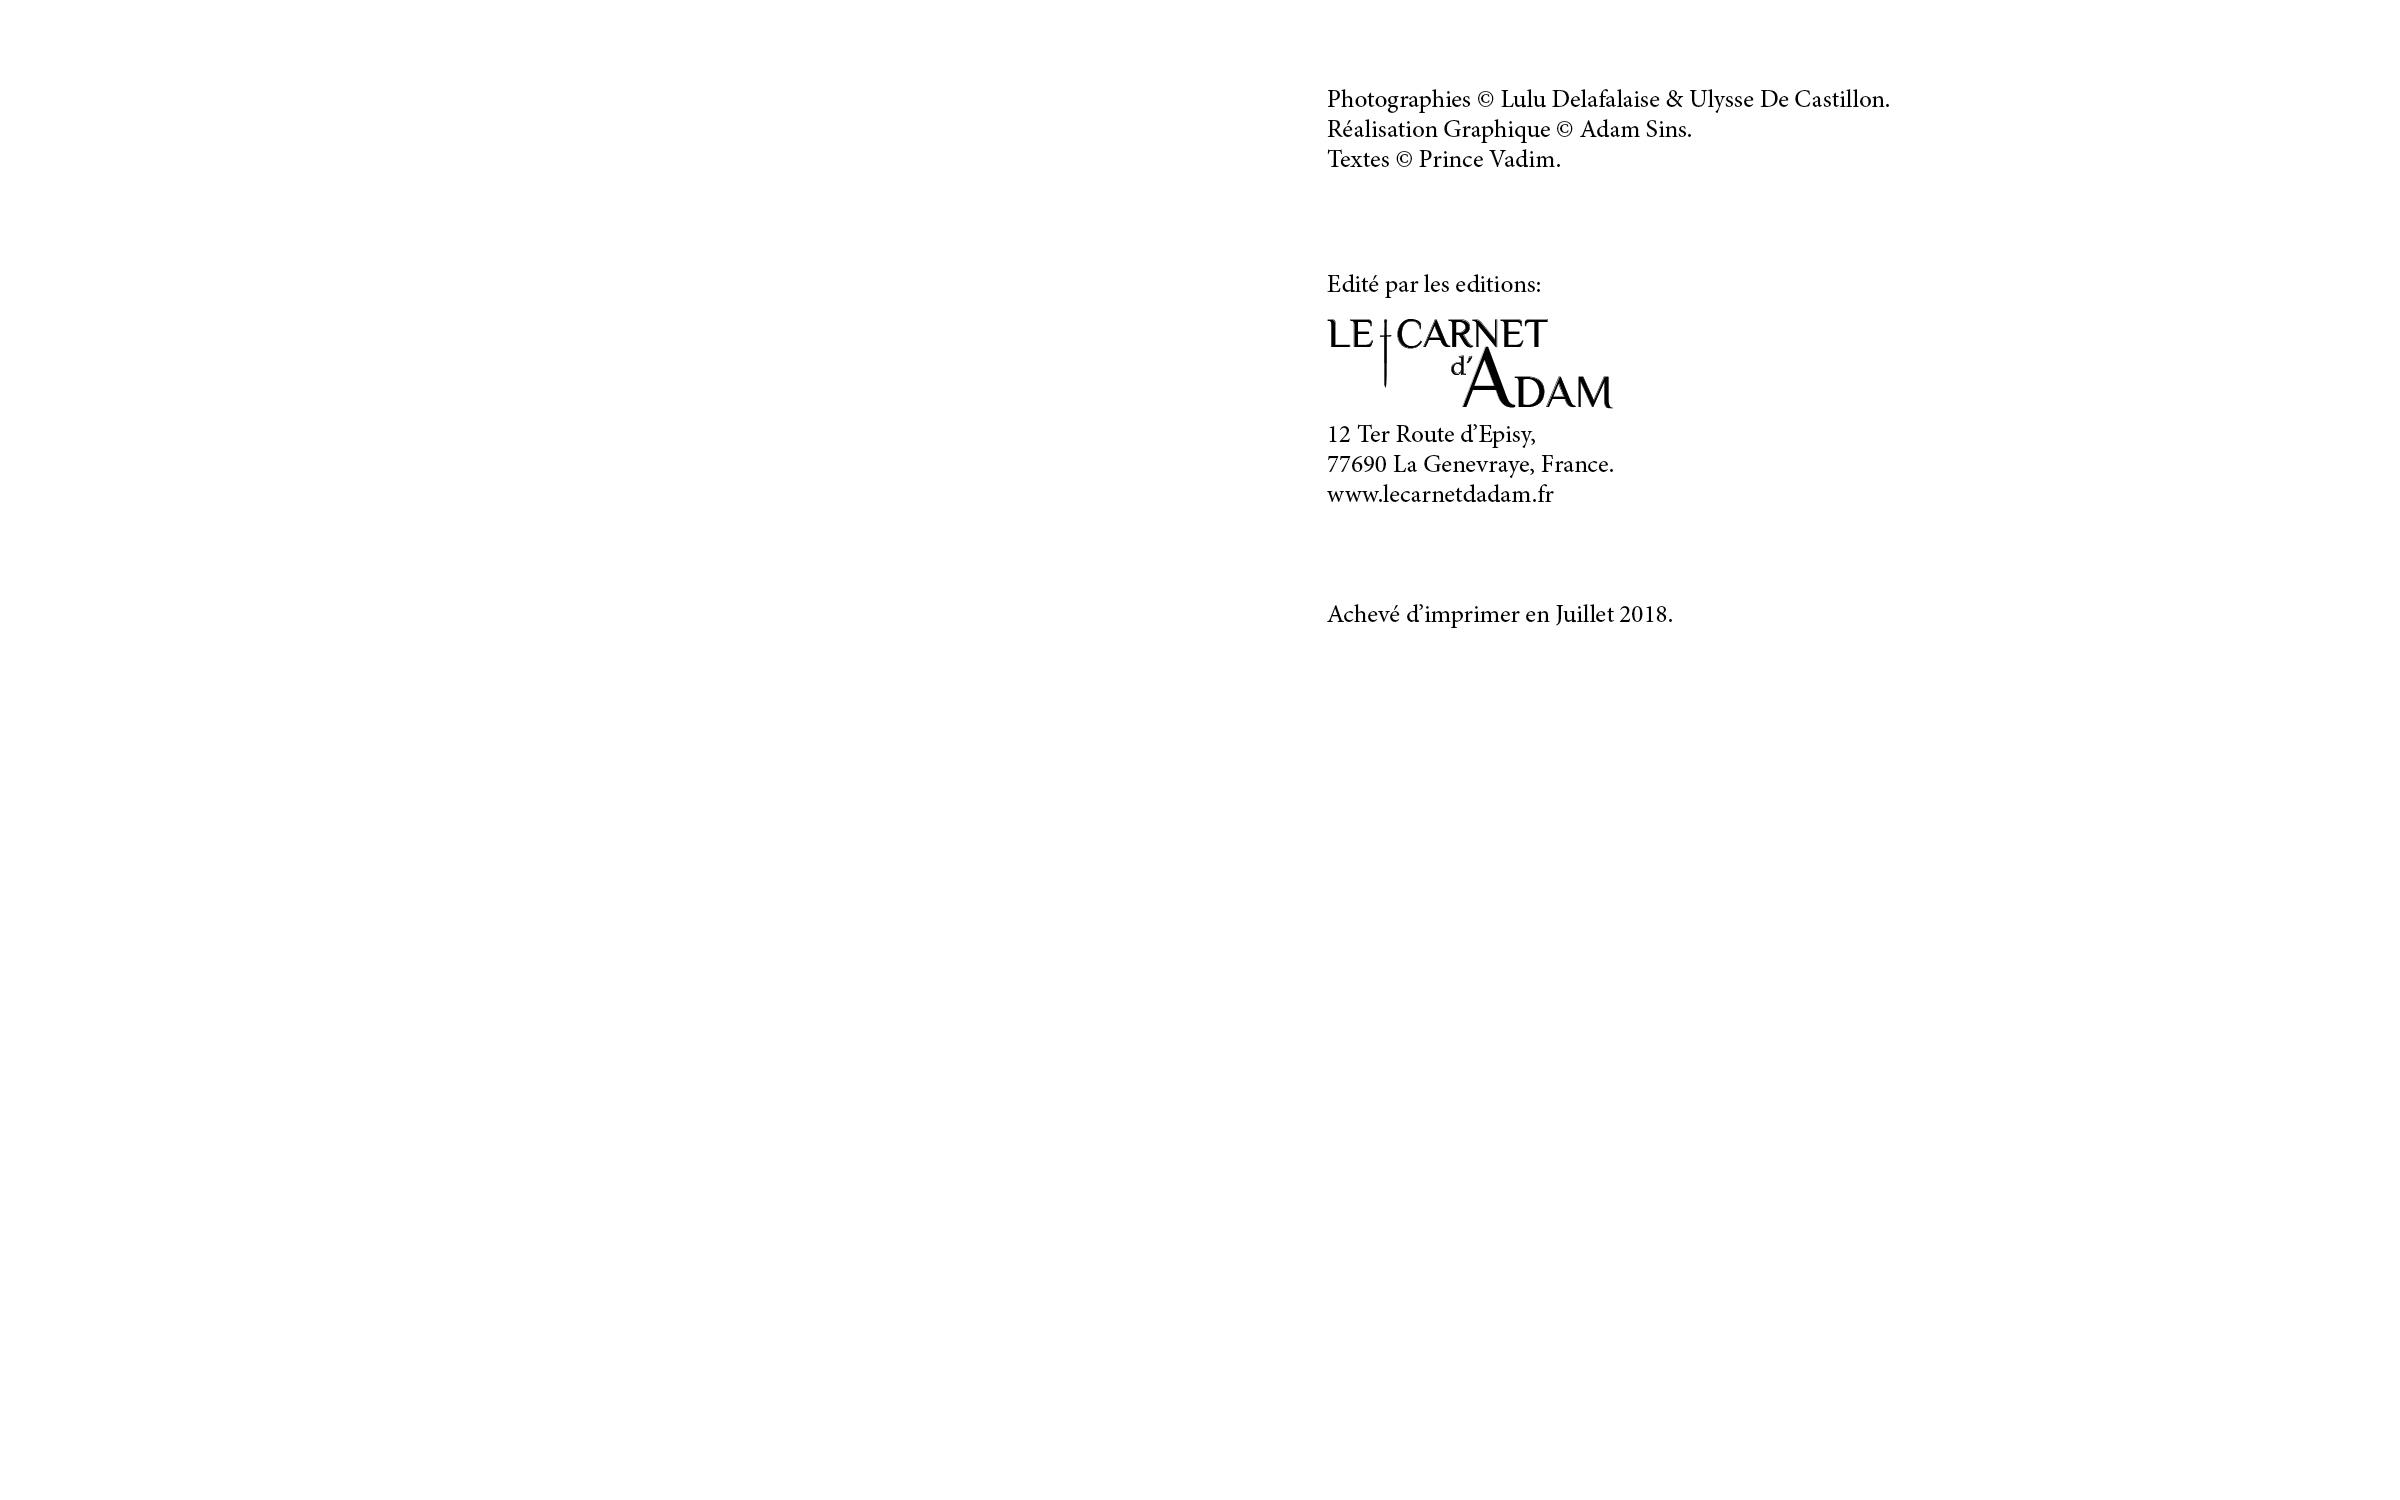 CARNET de VOYAGES PDF57.jpg